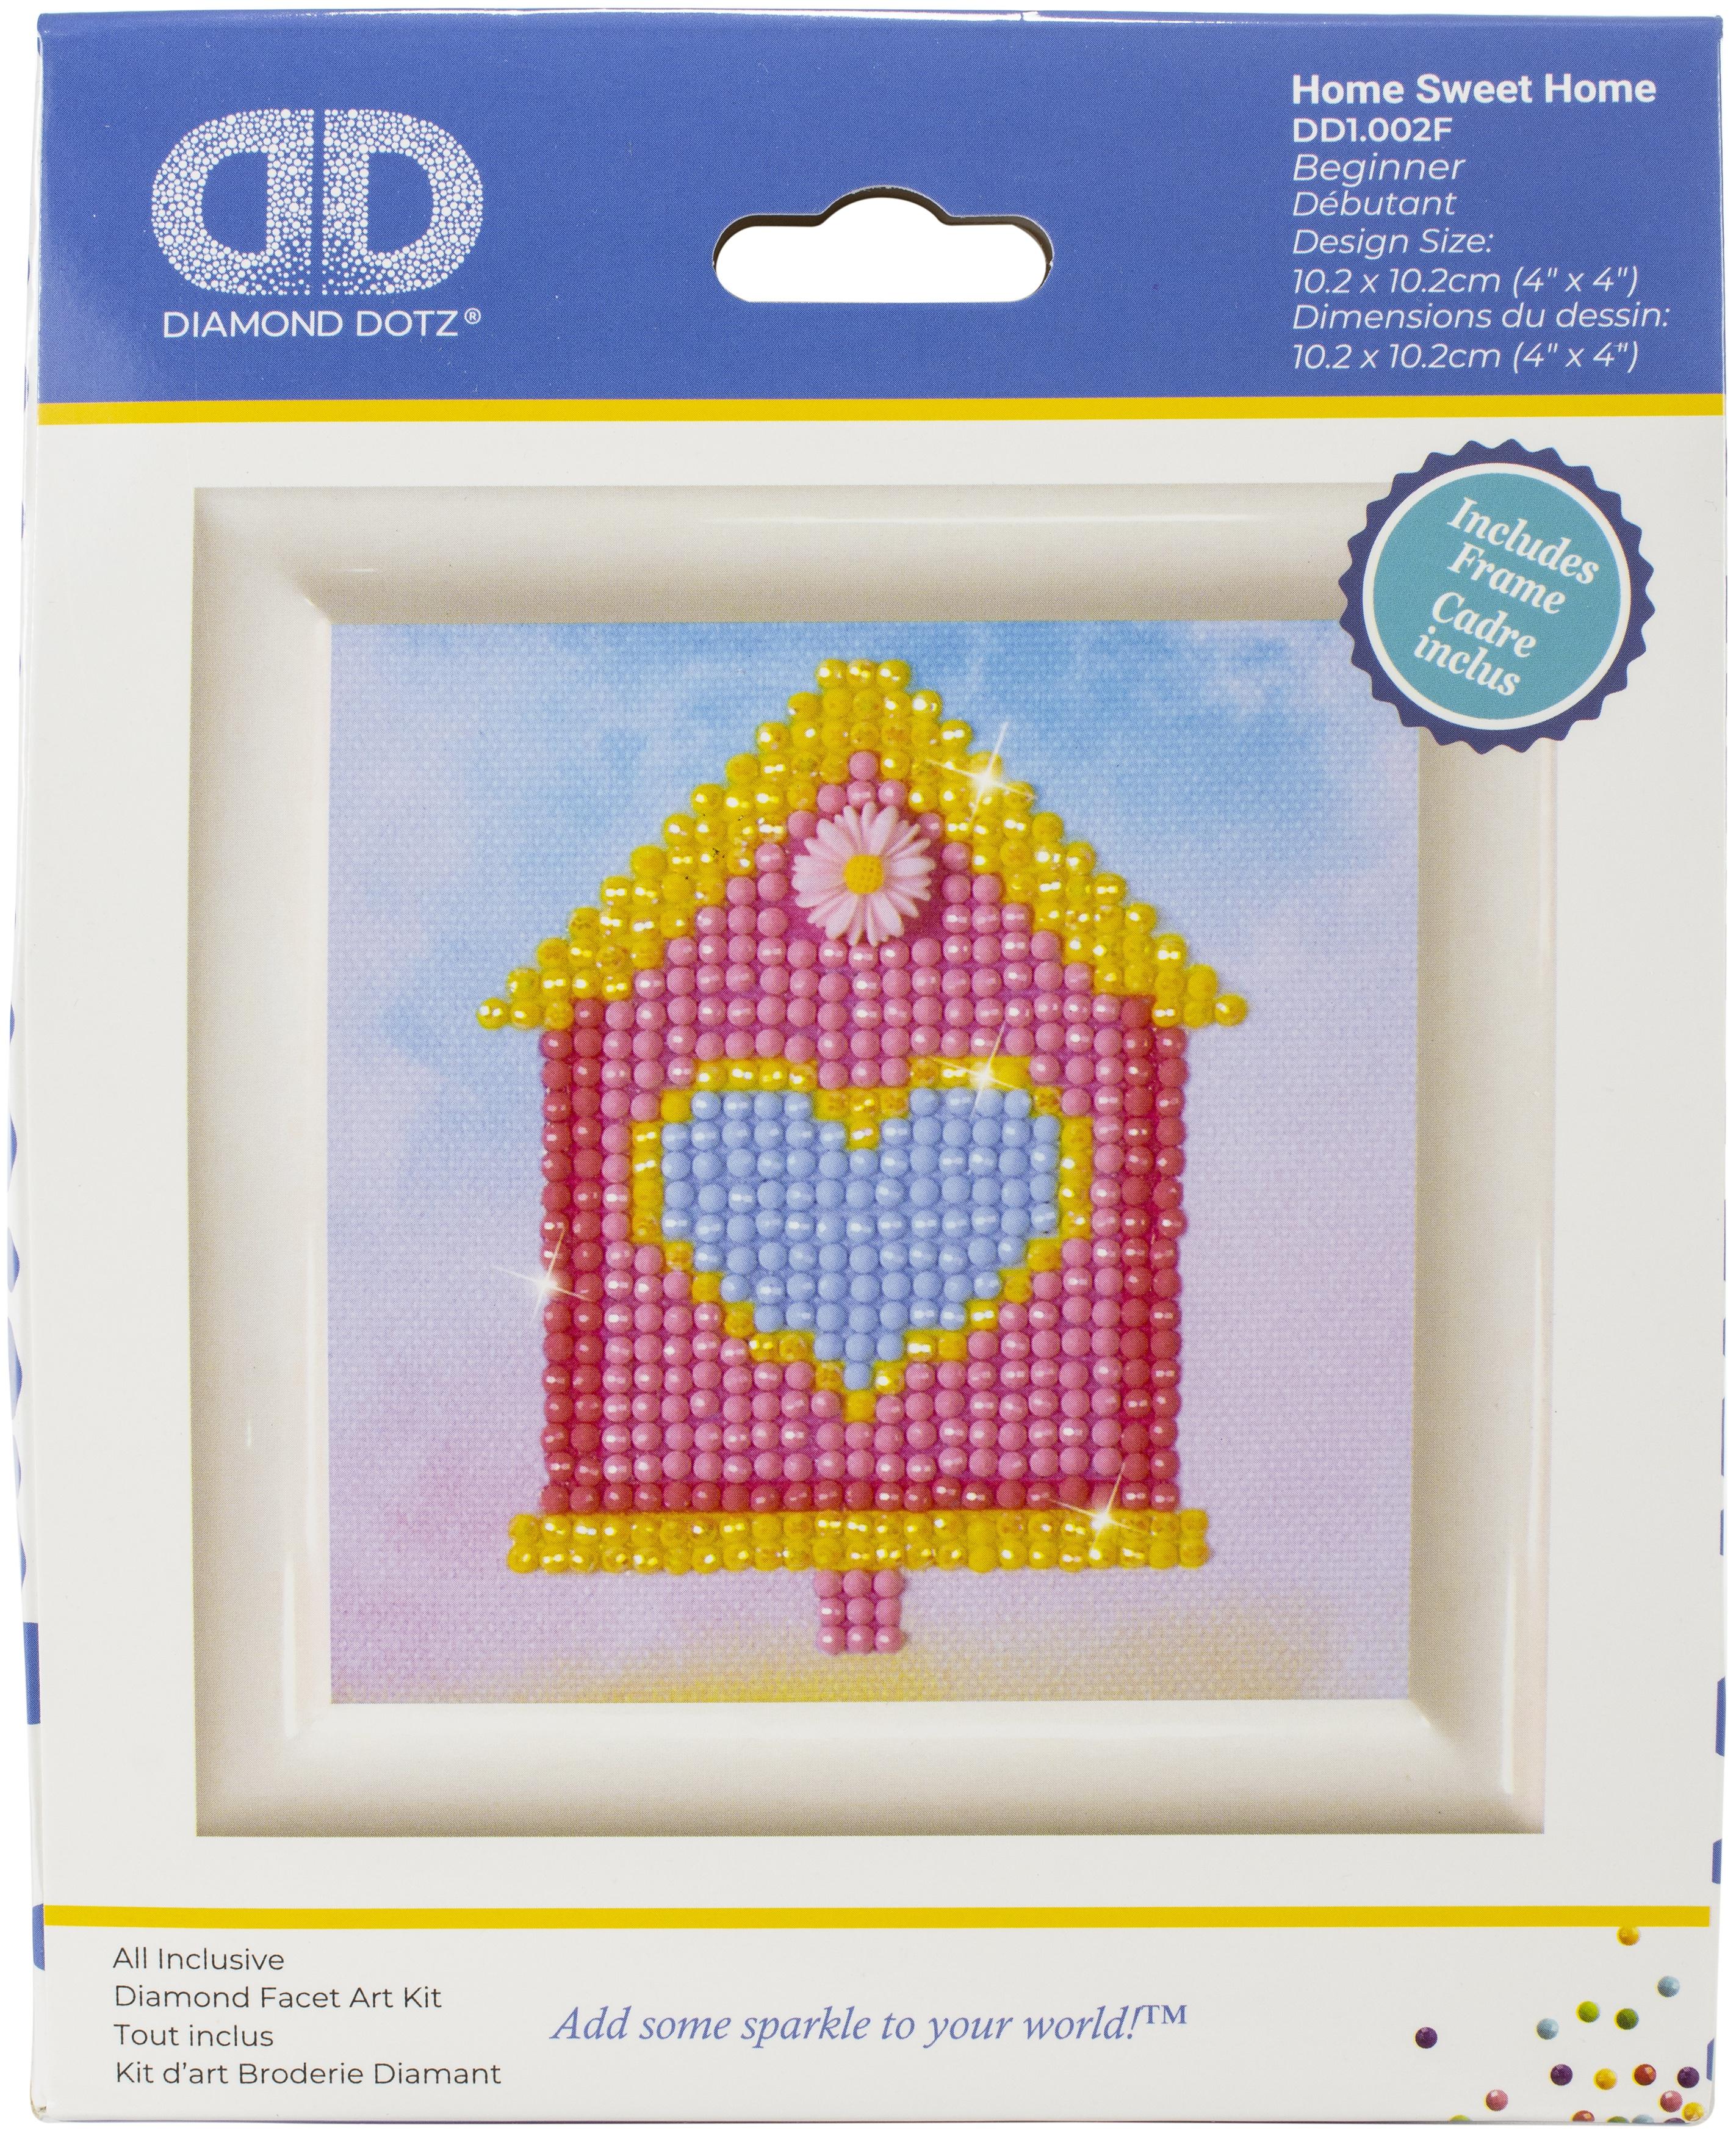 Diamond Dotz Diamond Embroidery Facet Art Kit W/ Frame-Home Sweet Home W/ White Frame